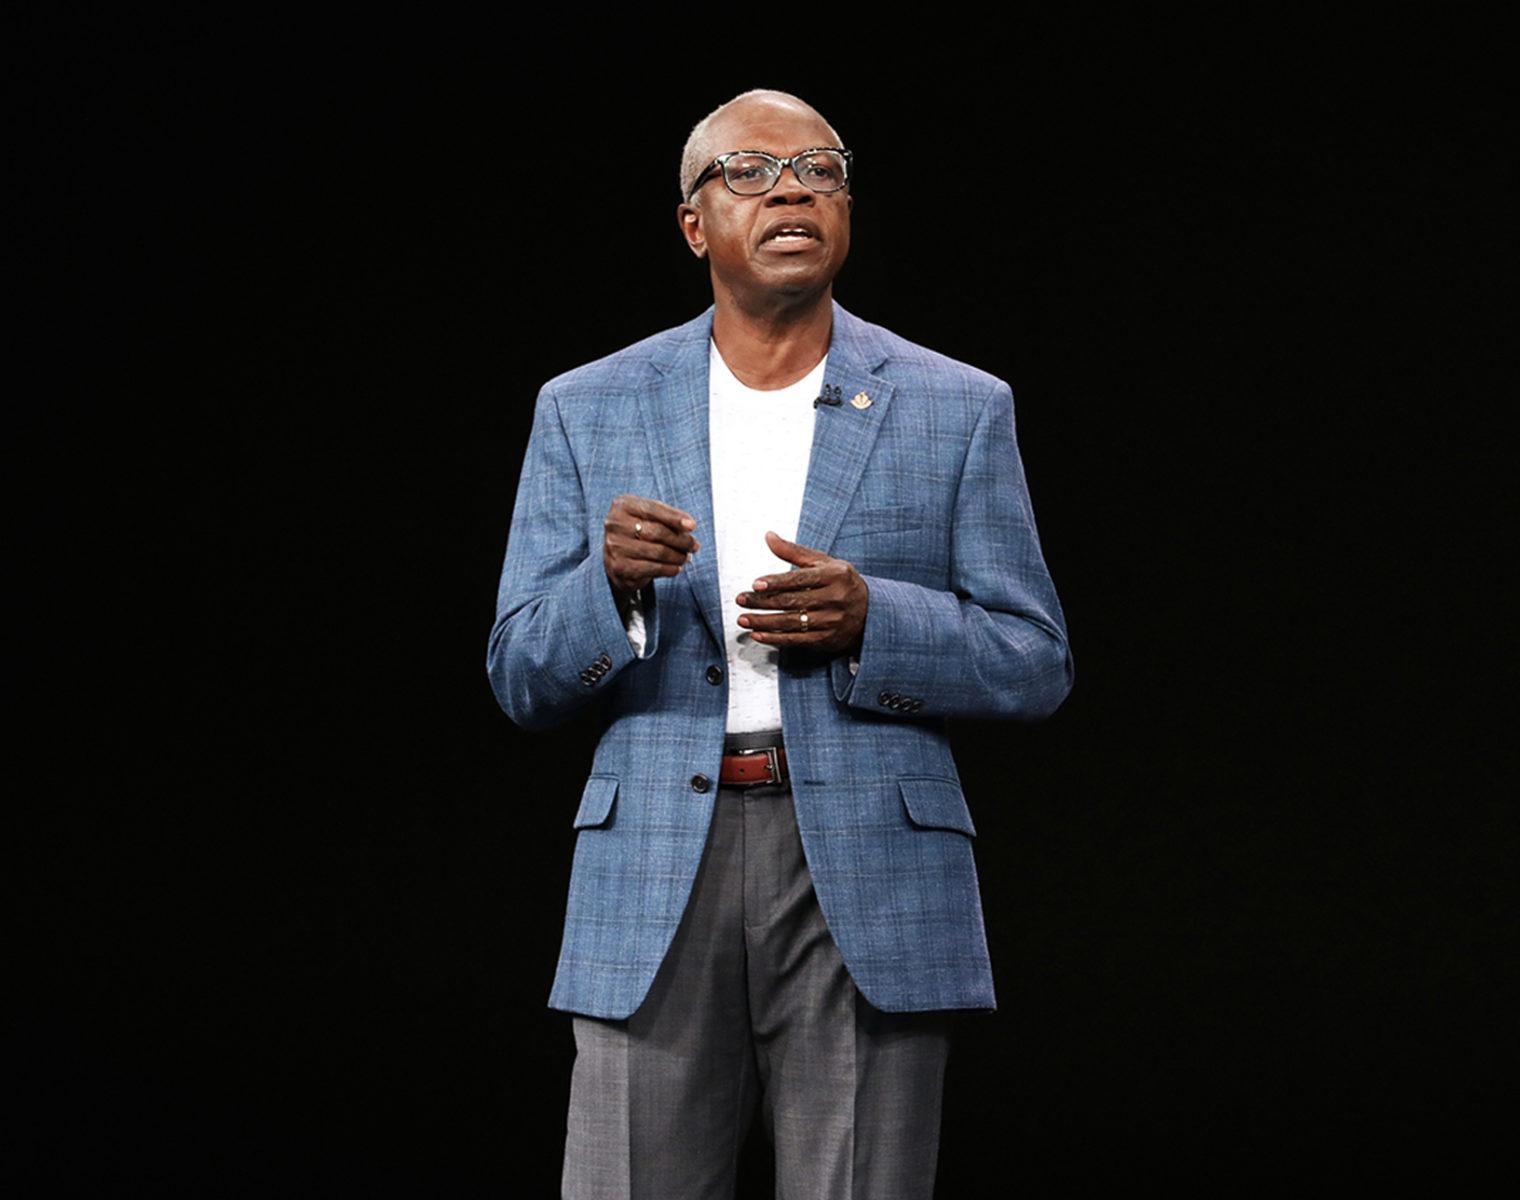 Nell'ultimo keynote di Apple, il dottor Ivor J. Benjamin, presidente dell'American Heart Association, ha spiegato i vantaggi delle nuove funzioni di Apple Watch Series 4 per la salute.